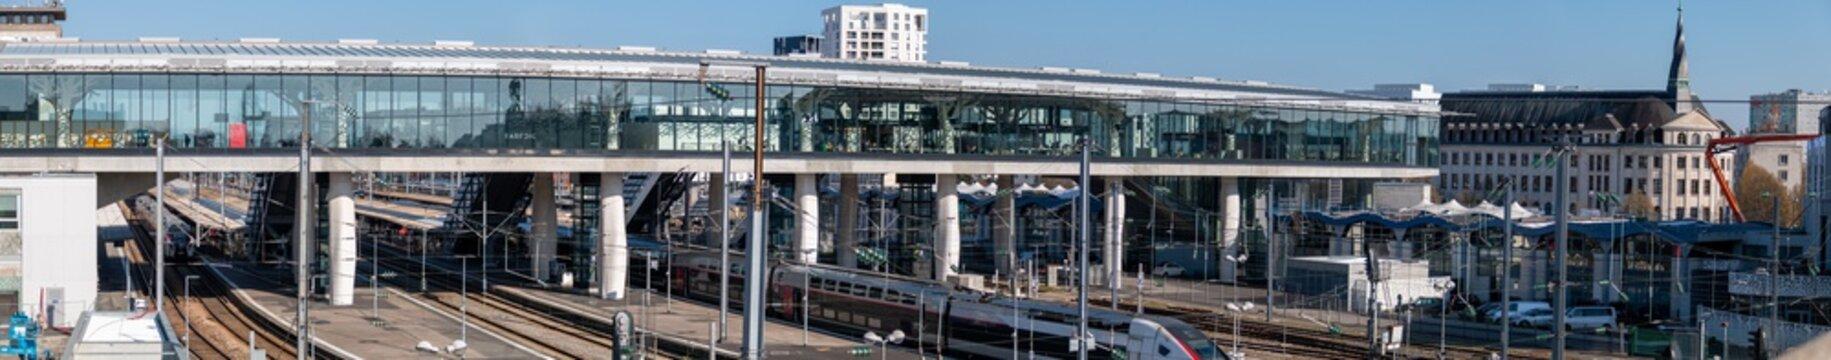 Panorama sur la gare de Nantes